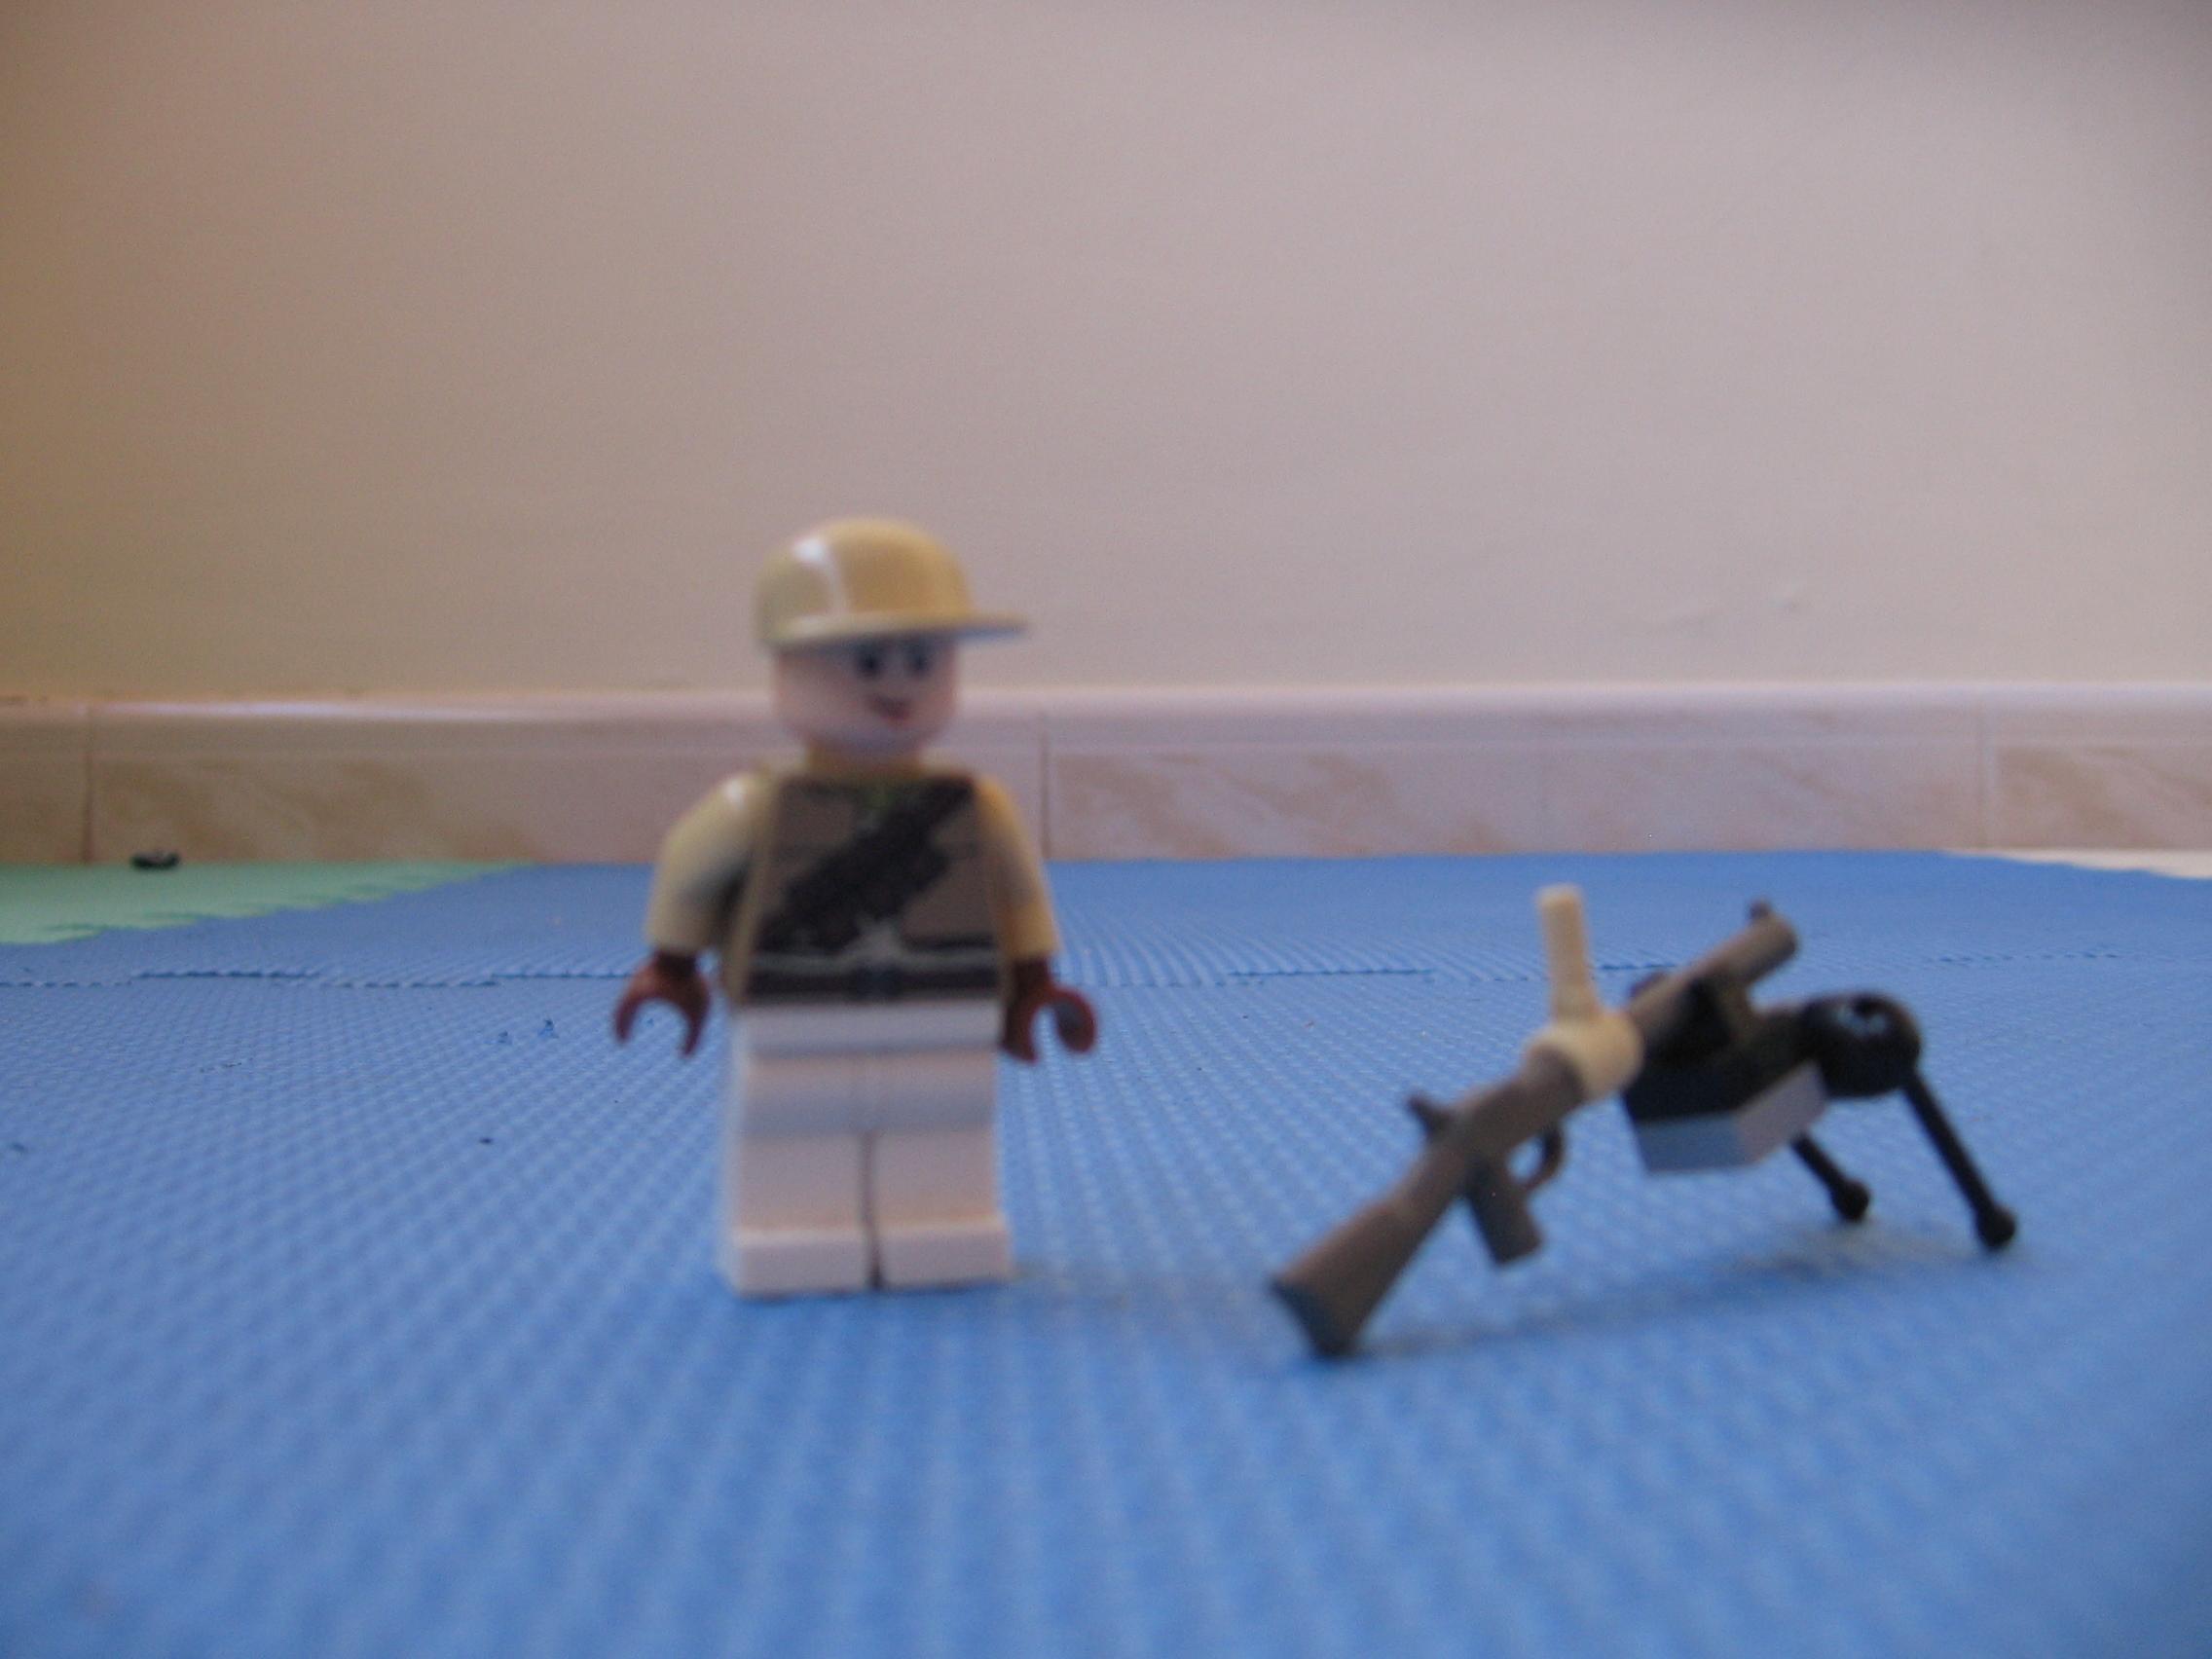 Lego WW2 soldier with Bren machine gun